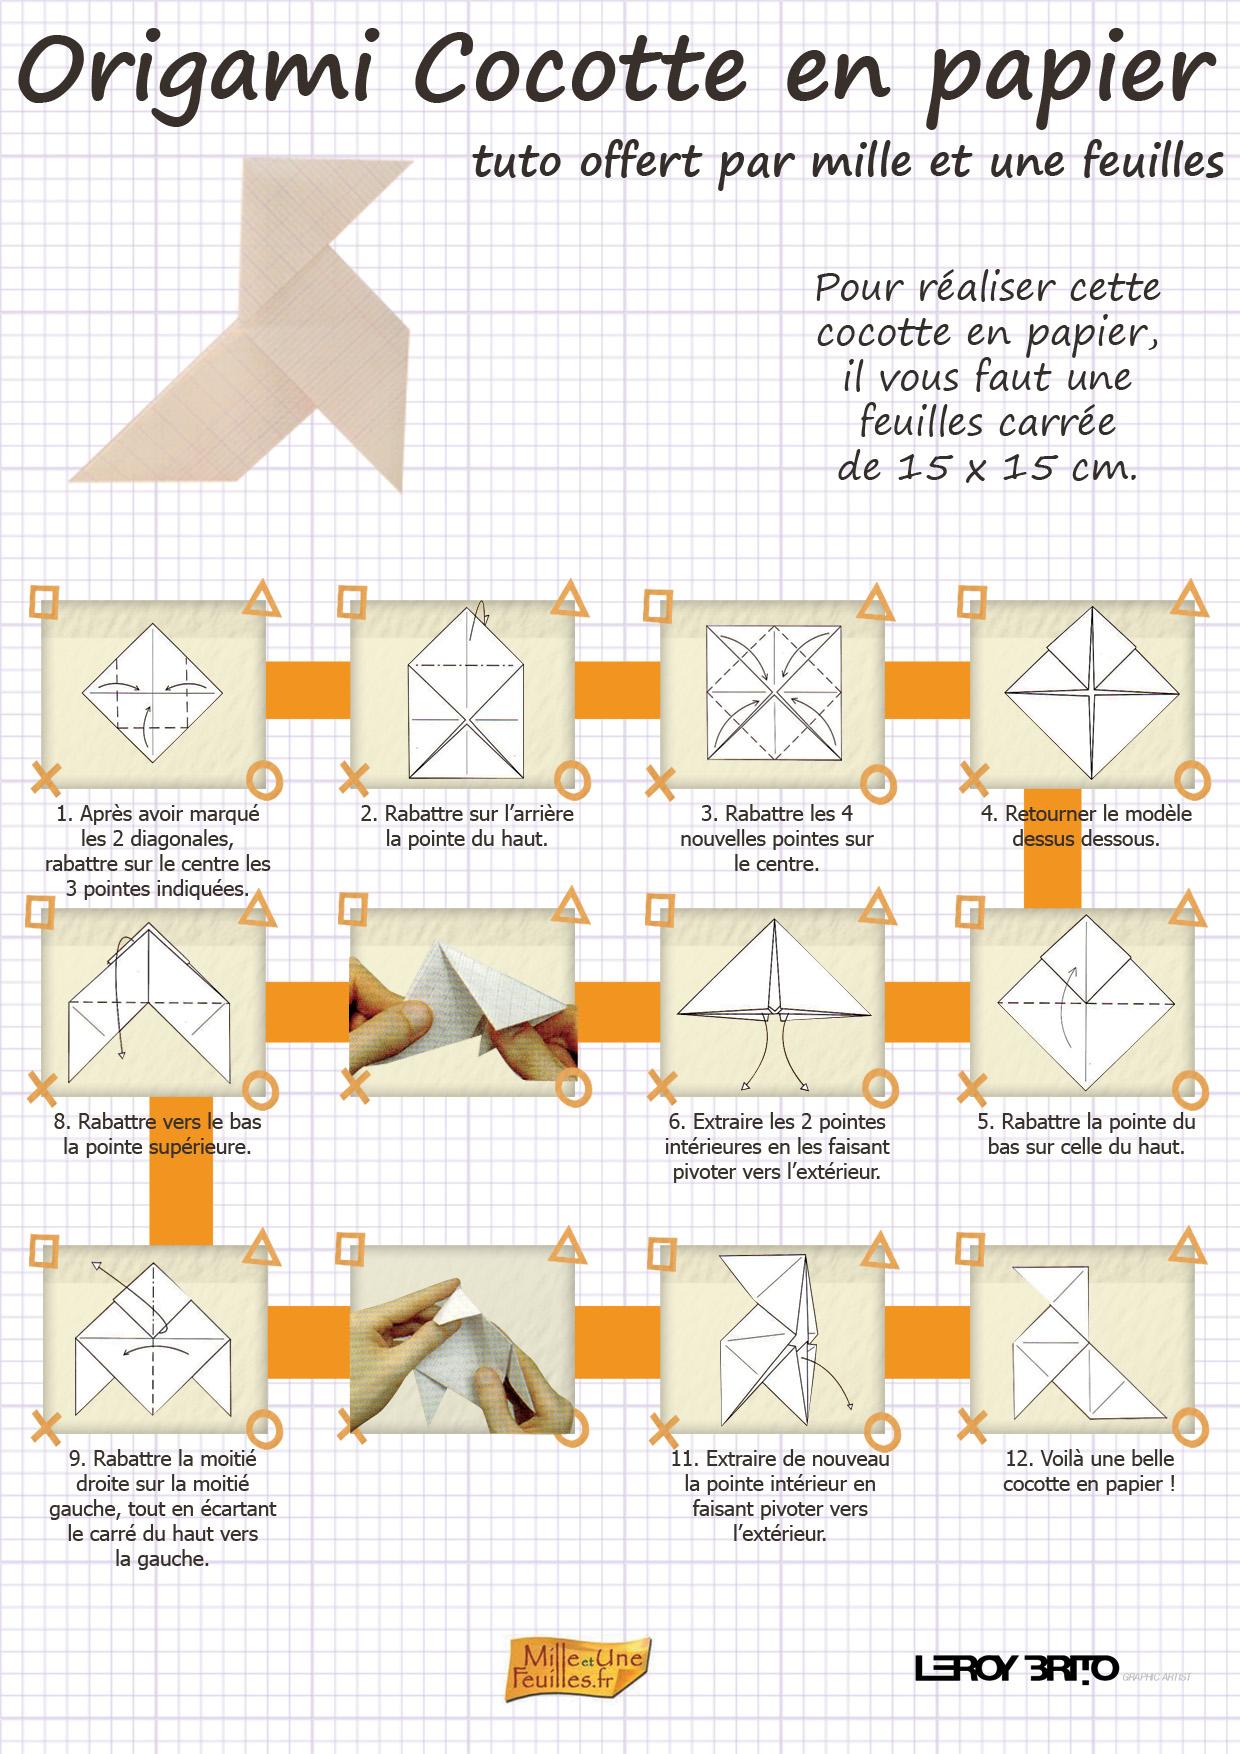 Id es activit s manuelles enfants mille et une feuilles - Fabriquer une cocotte en papier ...